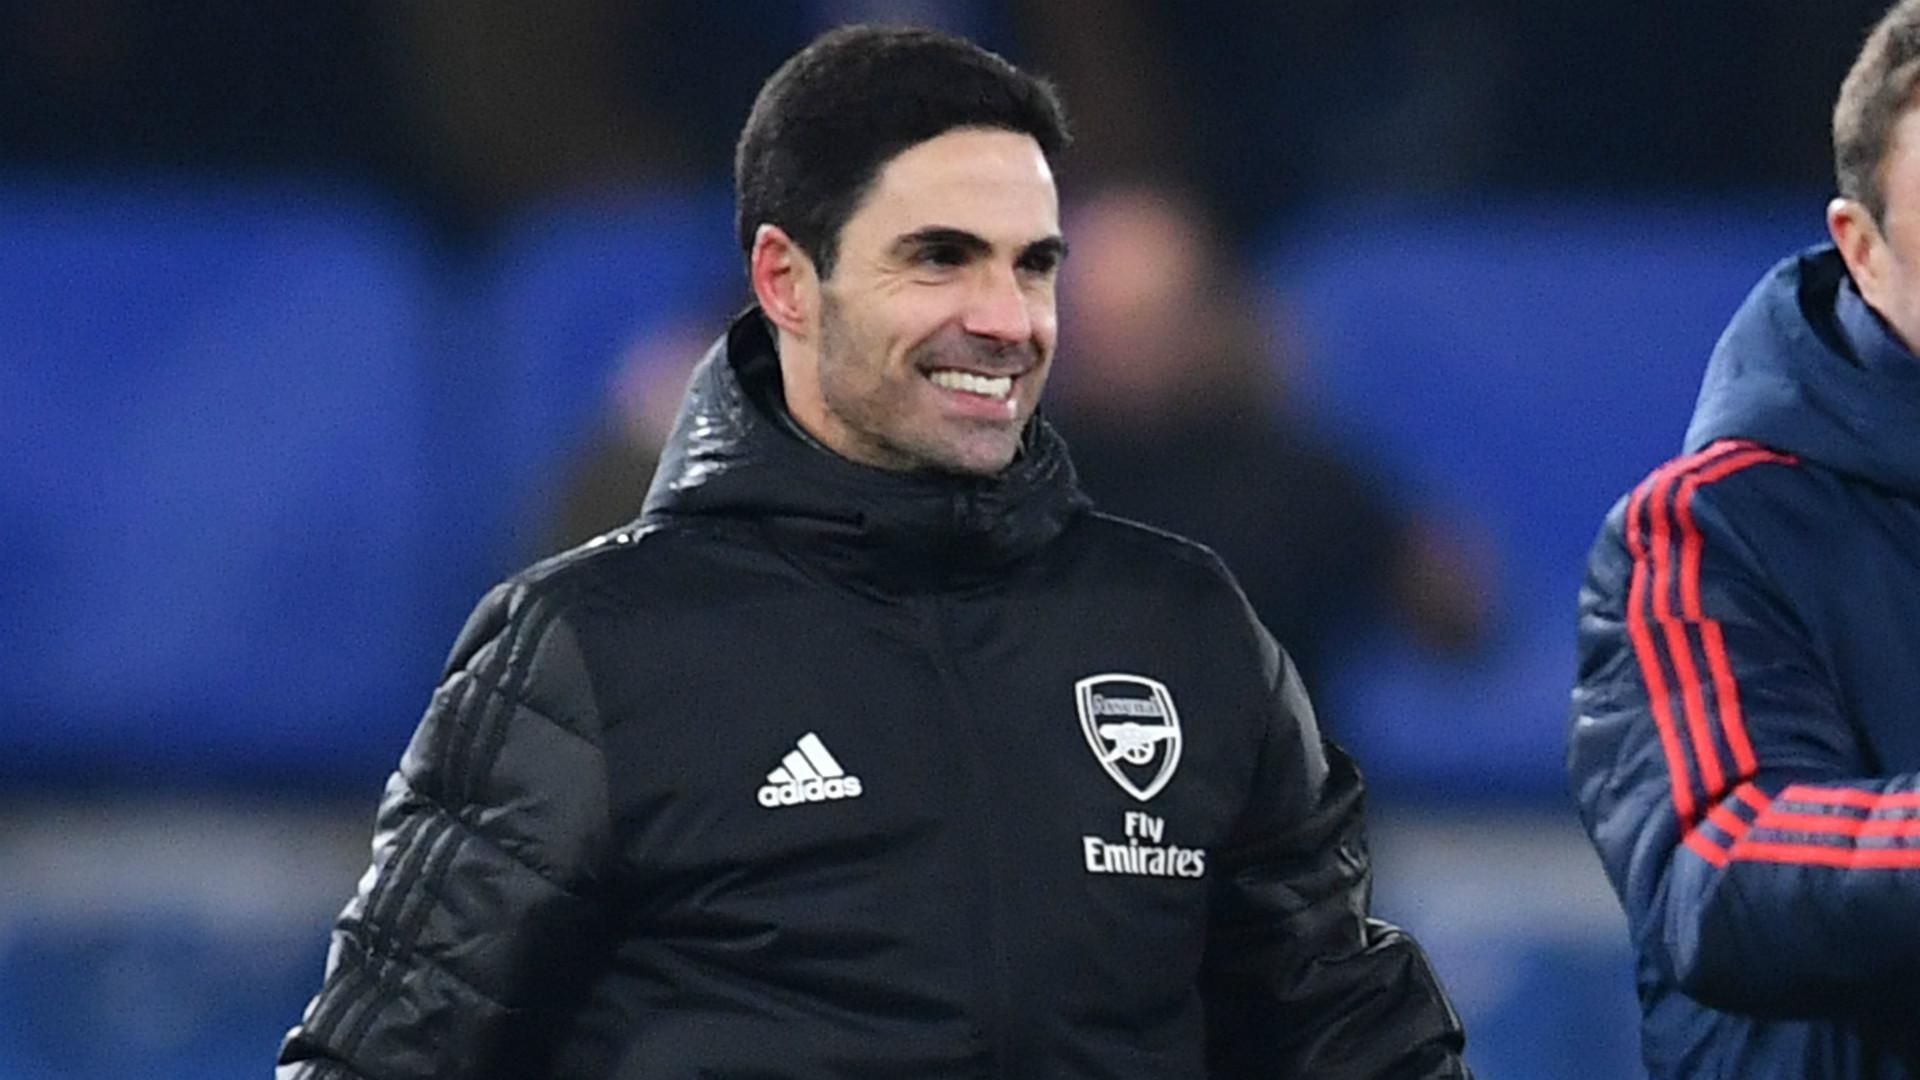 Sau một mùa giải, Kieran Tierney chuẩn bị rời Arsenal? - Bóng Đá